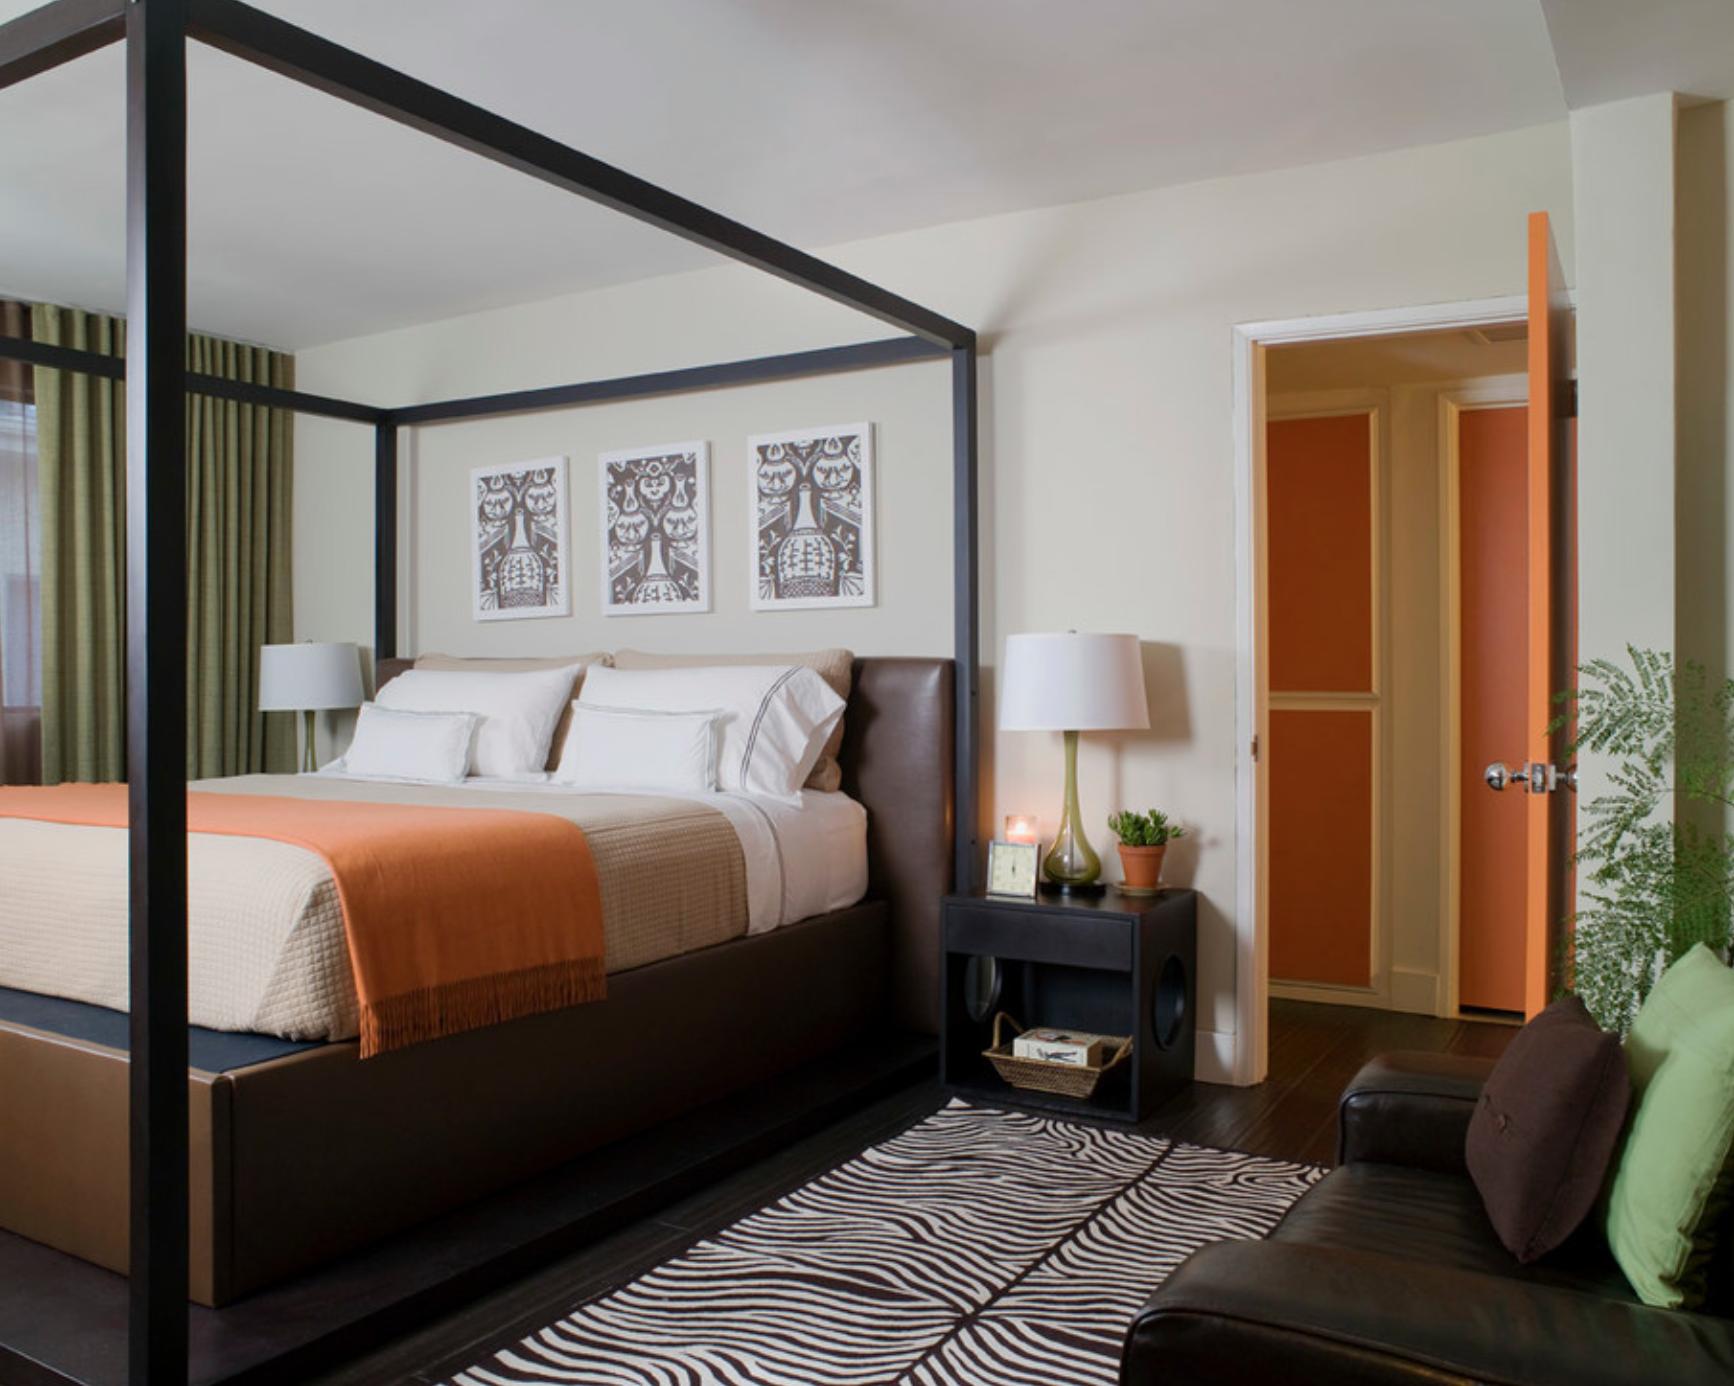 zebra print area rug in modern master bedroom